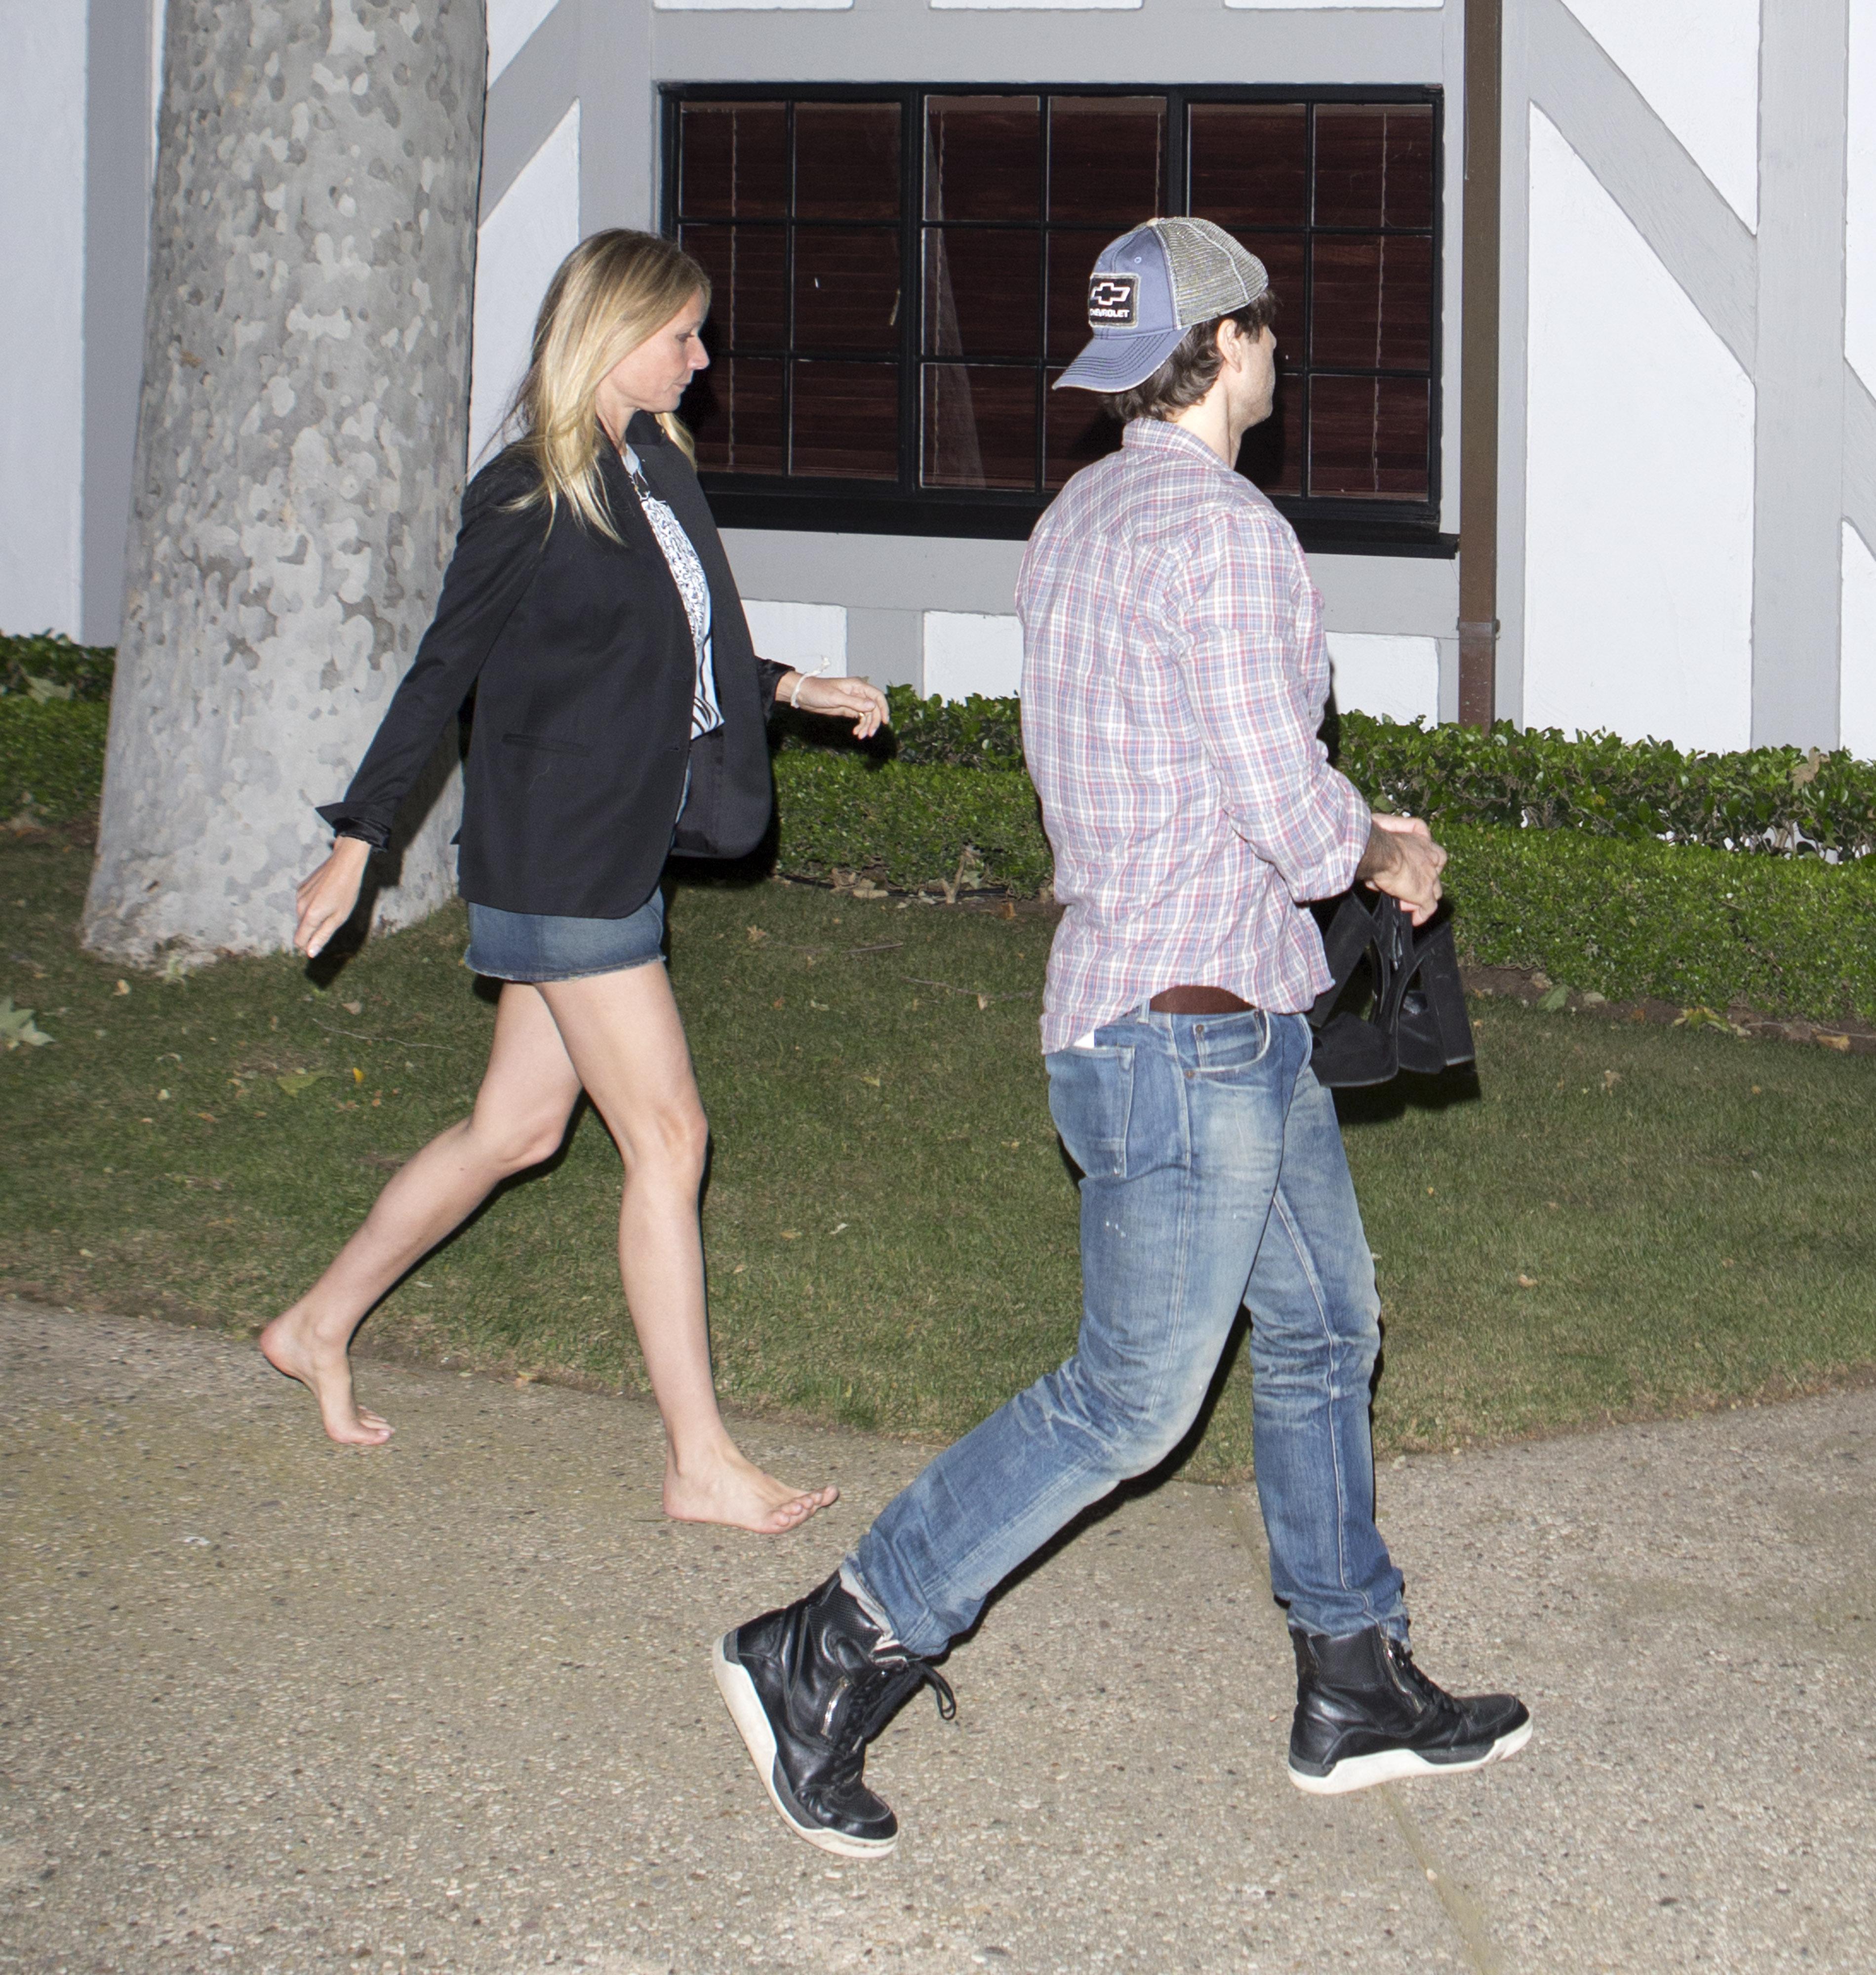 https://pics.wikifeet.com/Gwyneth-Paltrow-Feet-2217558.jpg